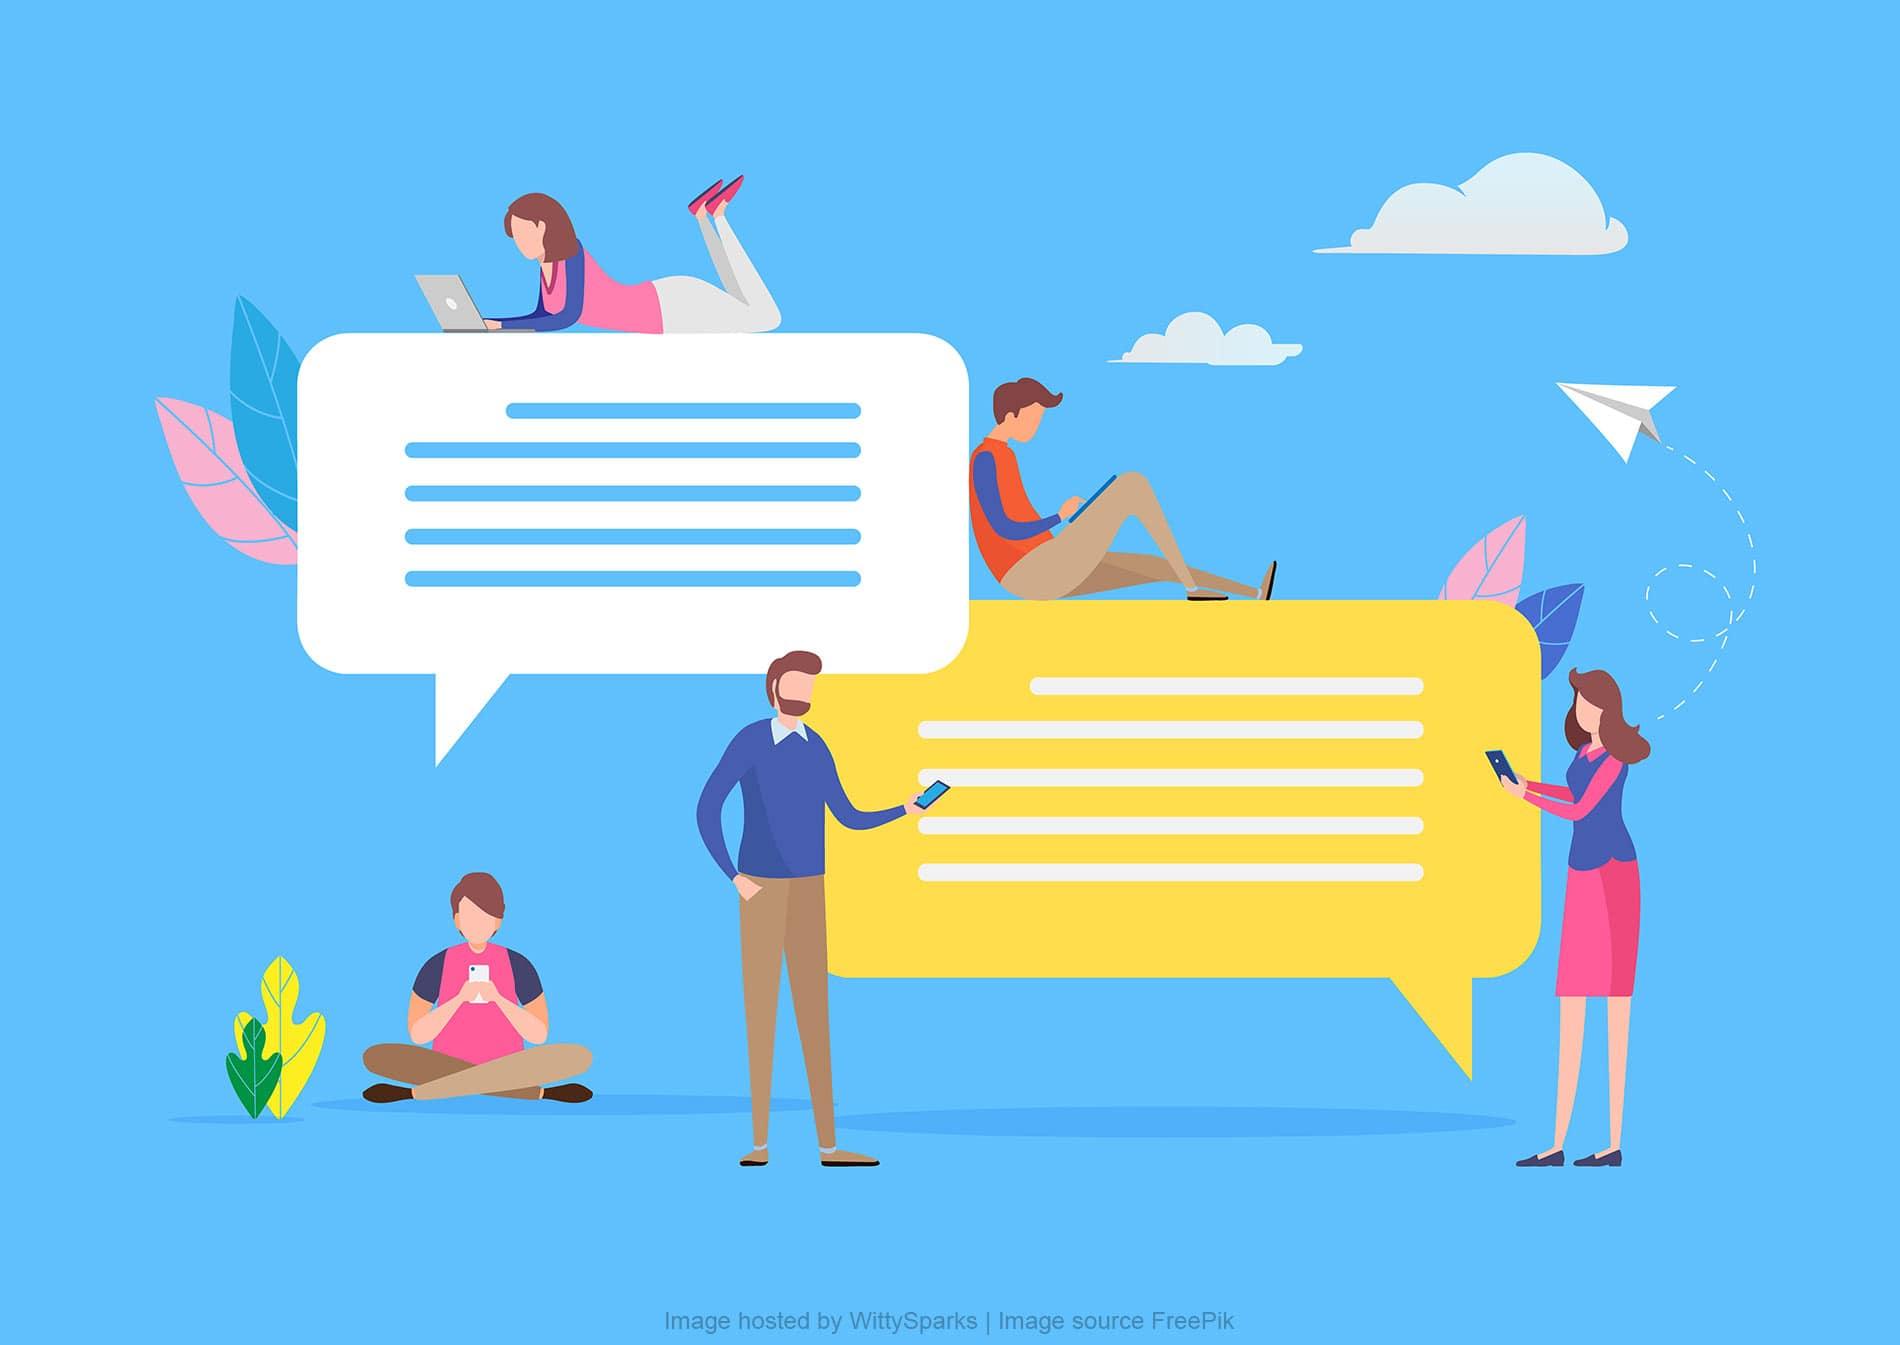 Social Media Today: Healthy or Unhealthy?